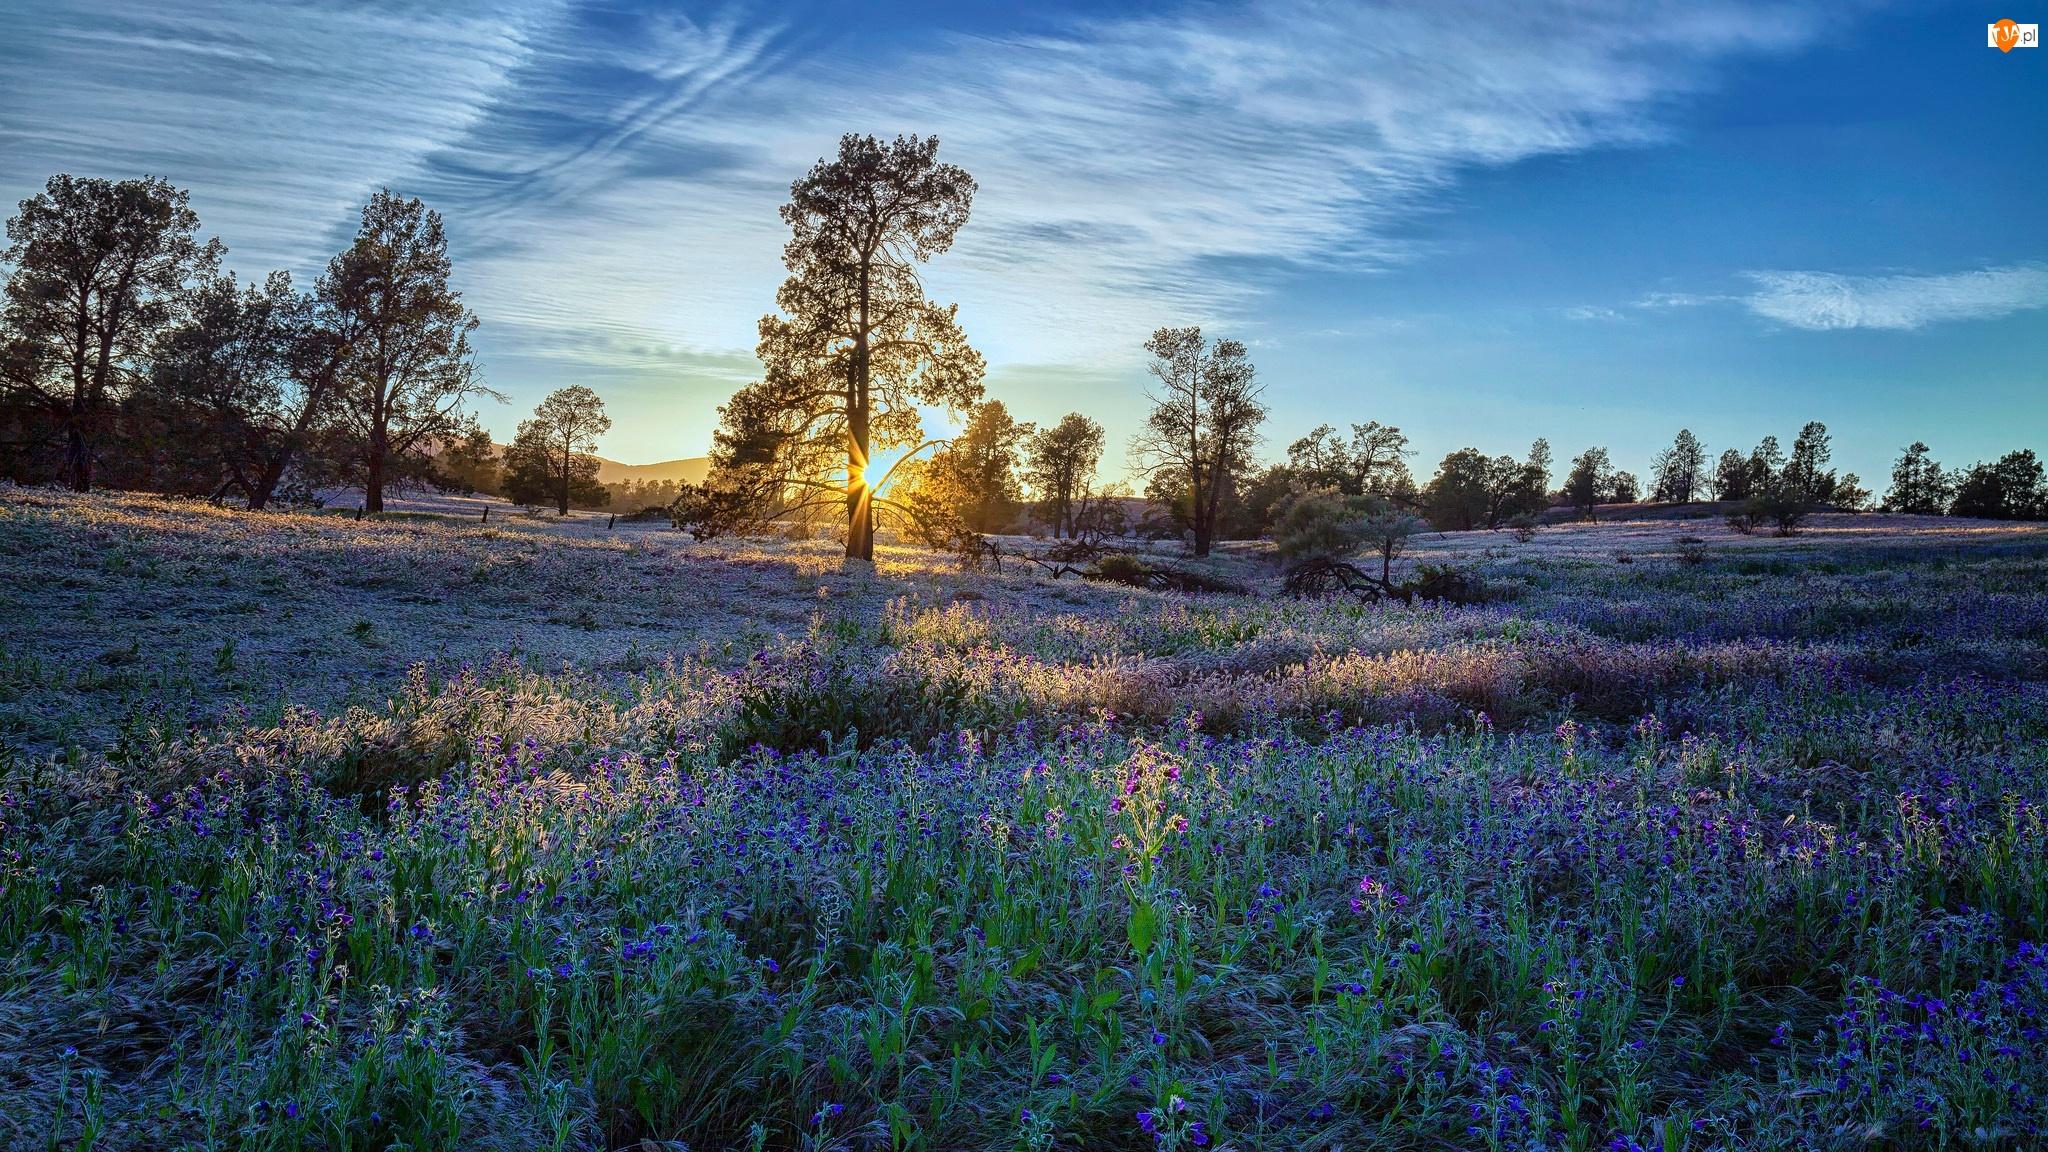 Wschód Słońca, Wzgórza, Kwiaty, Łąka, Drzewa